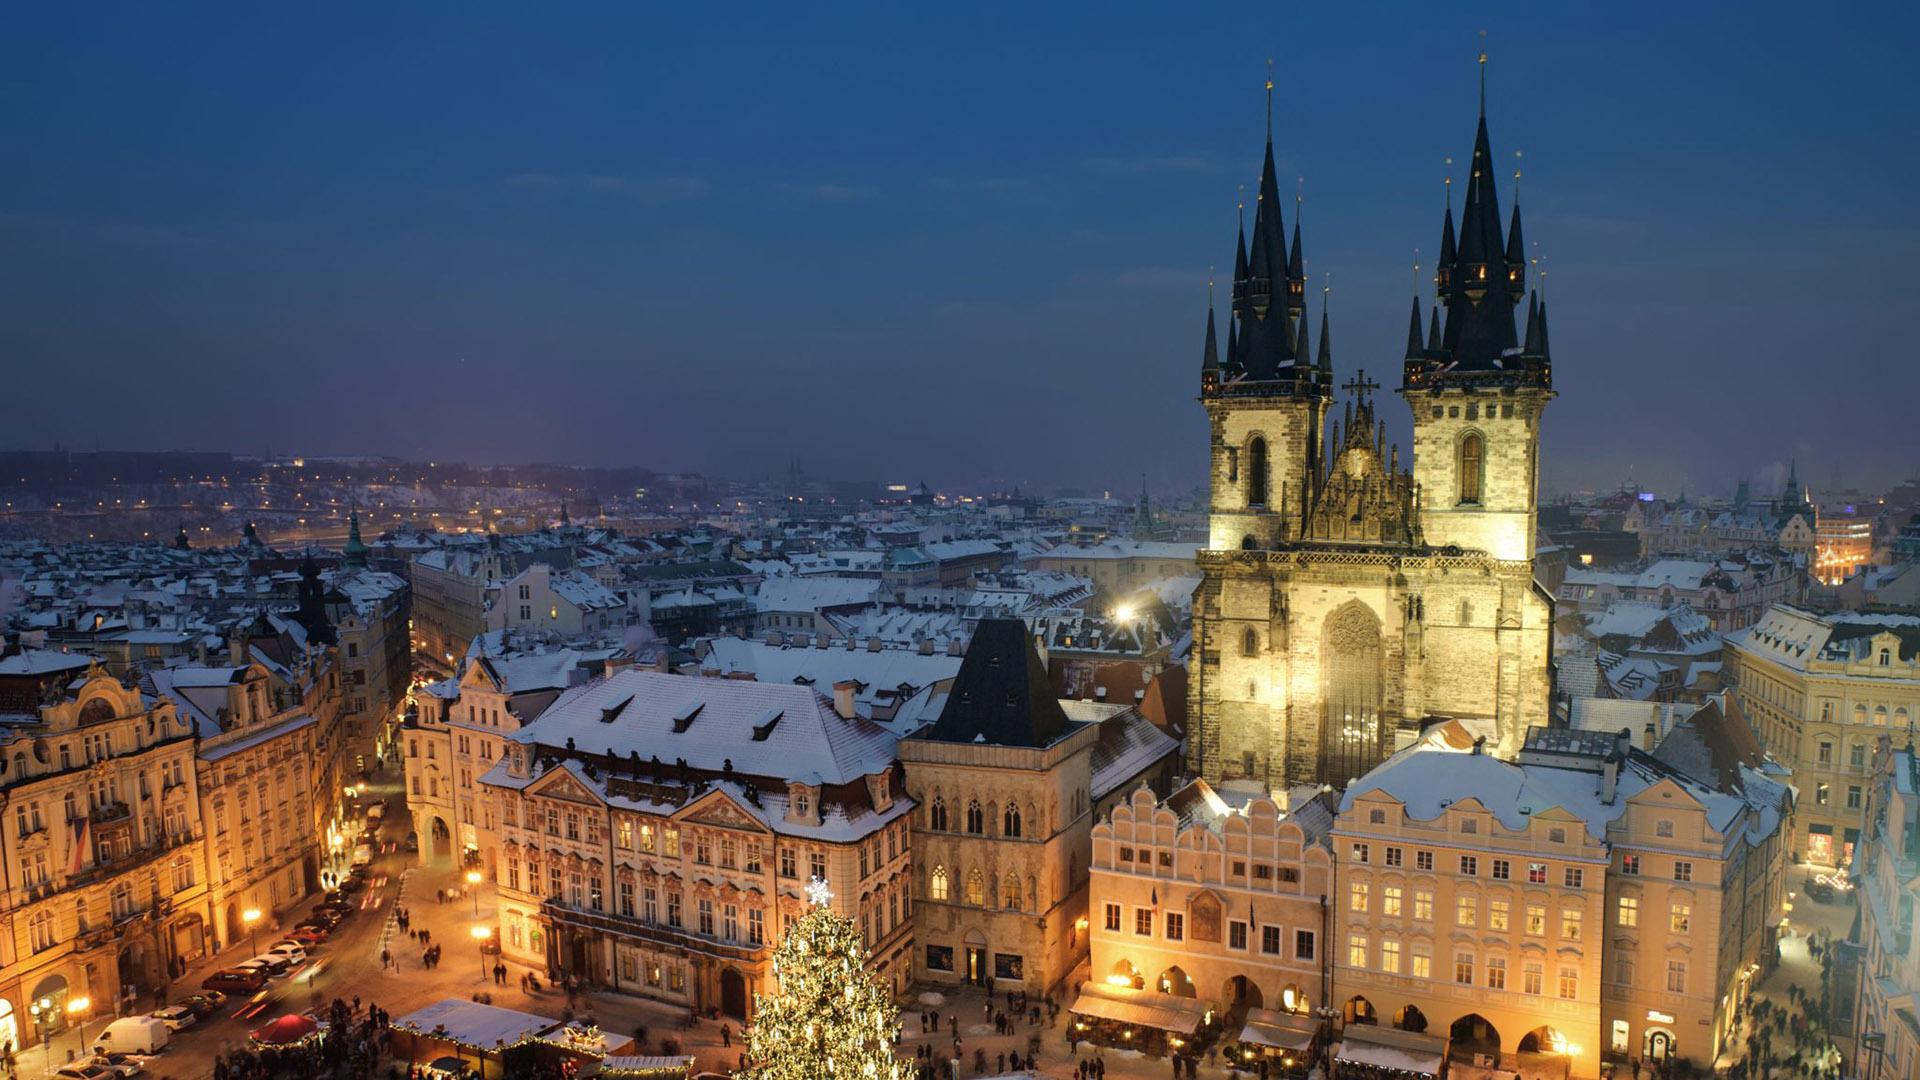 Πράγα - Χριστούγεννα / Πρωτοχρονιά / Θεοφάνεια